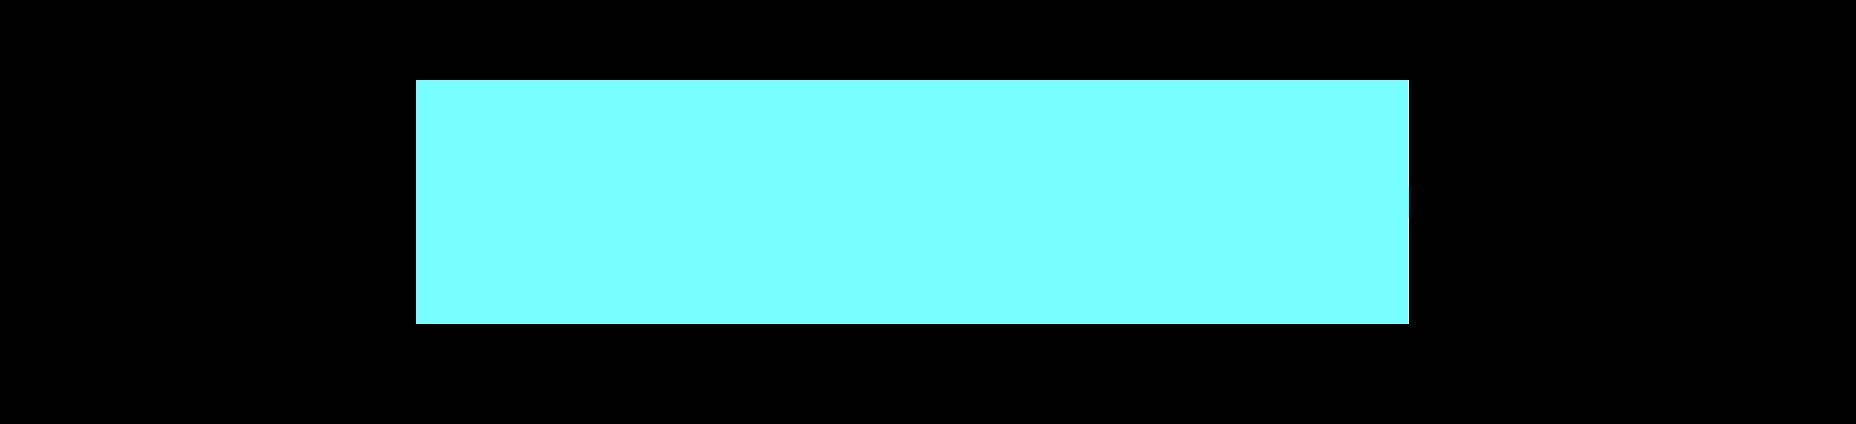 vbg20_logo